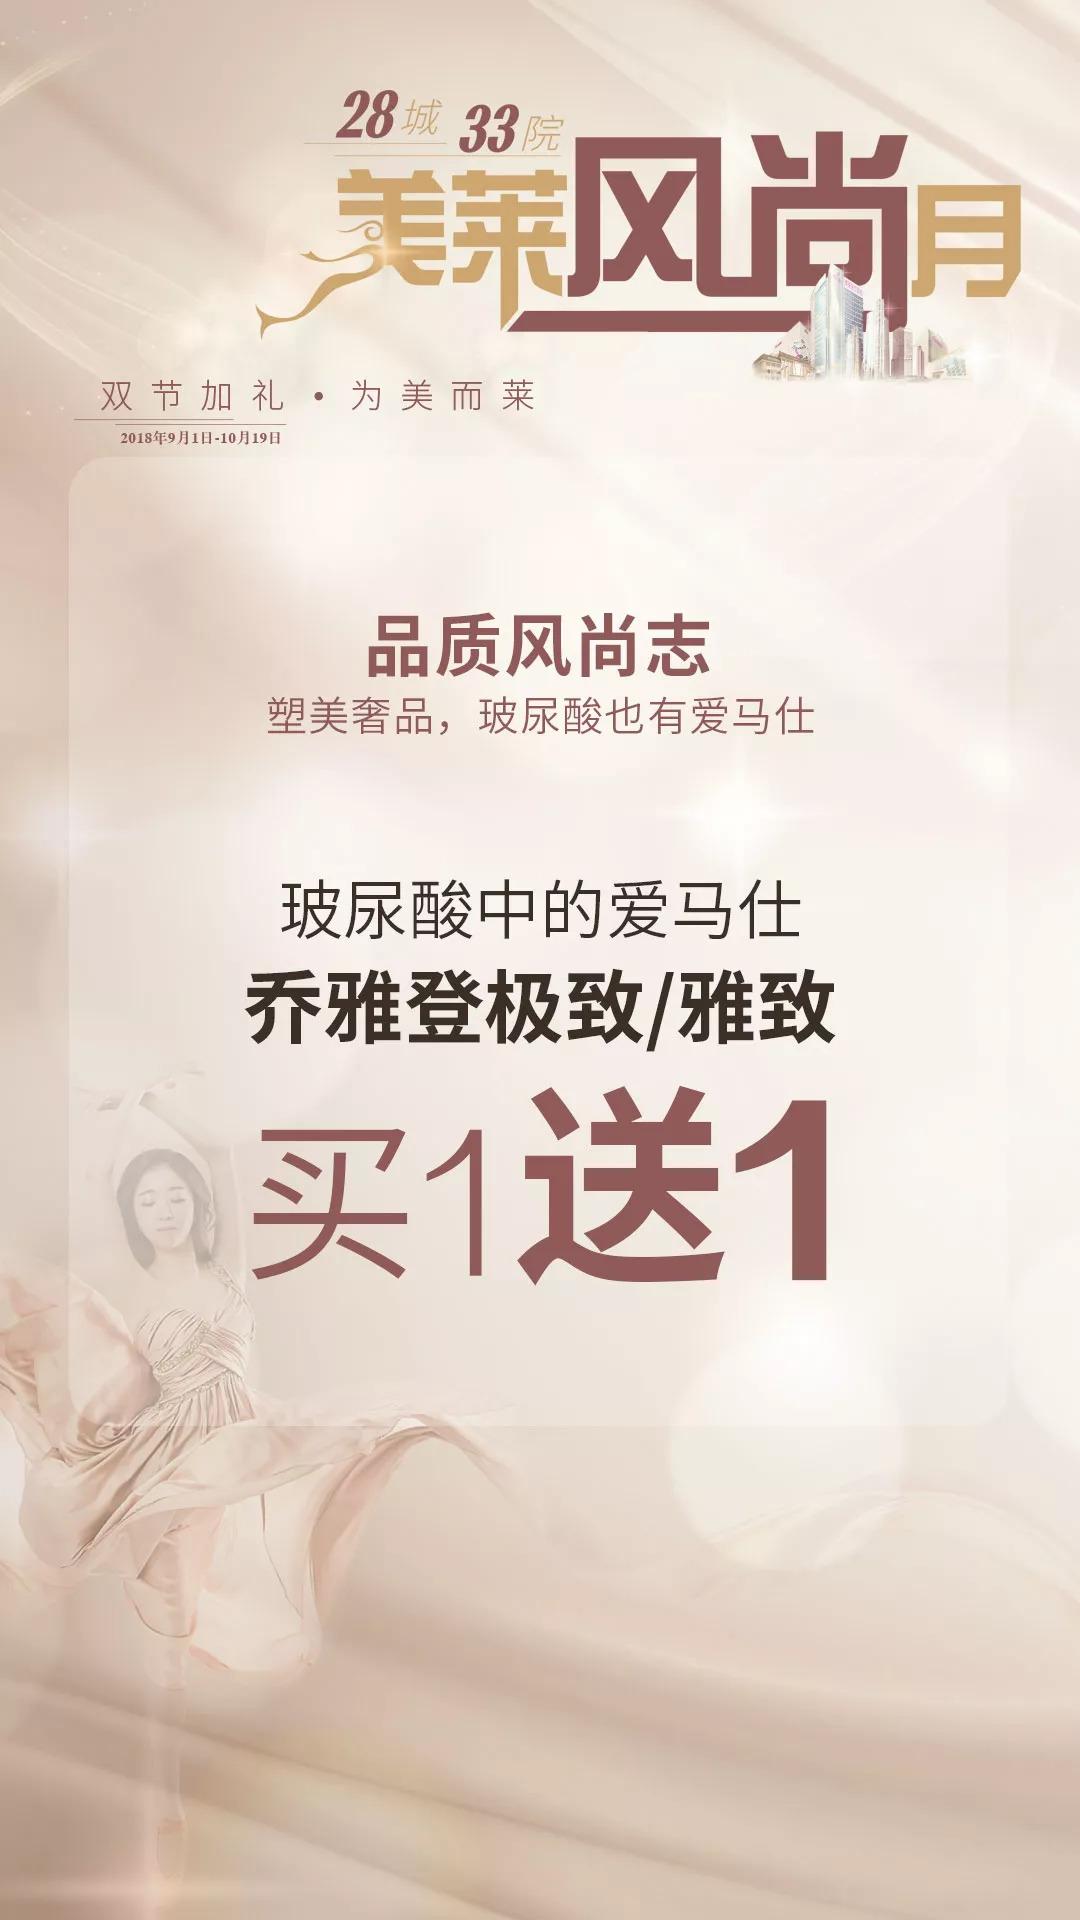 """上海美莱乔雅登 好莱坞明星秘而不宣的""""冻龄武器"""""""